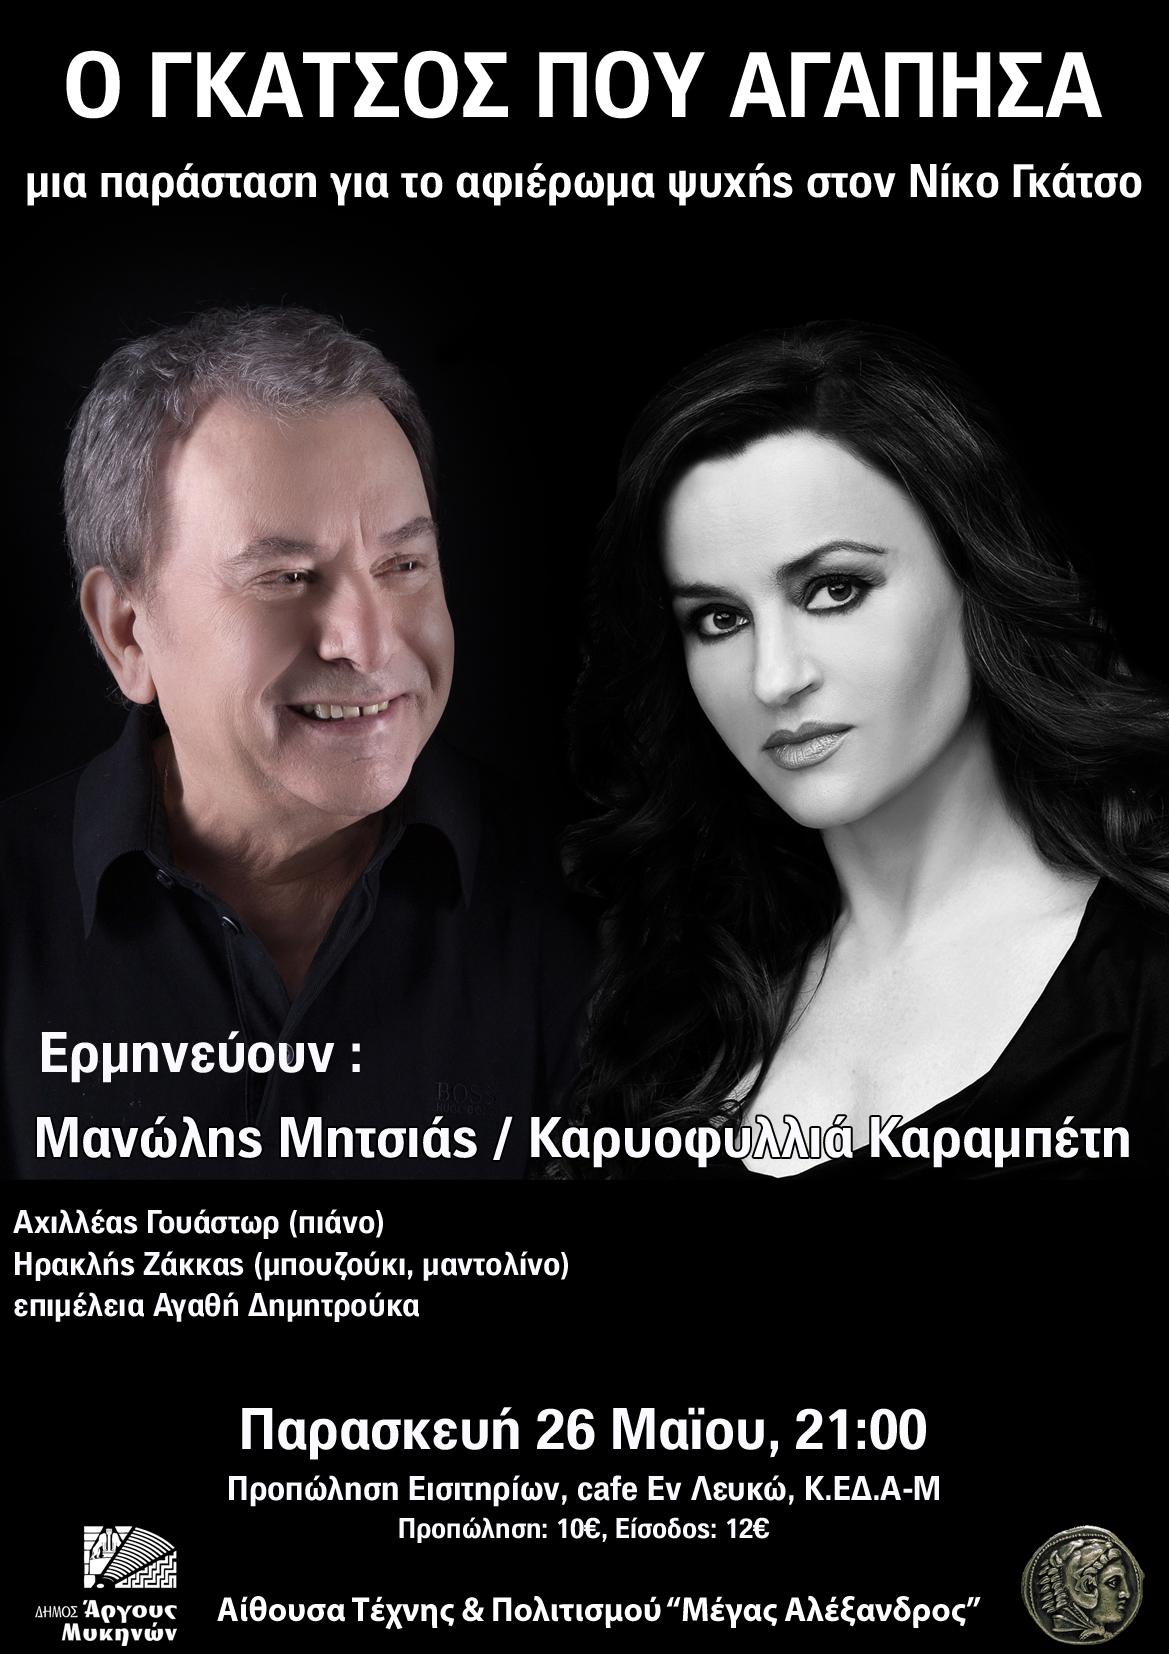 afisa-Mitsias-Karabeti_26-5-2017